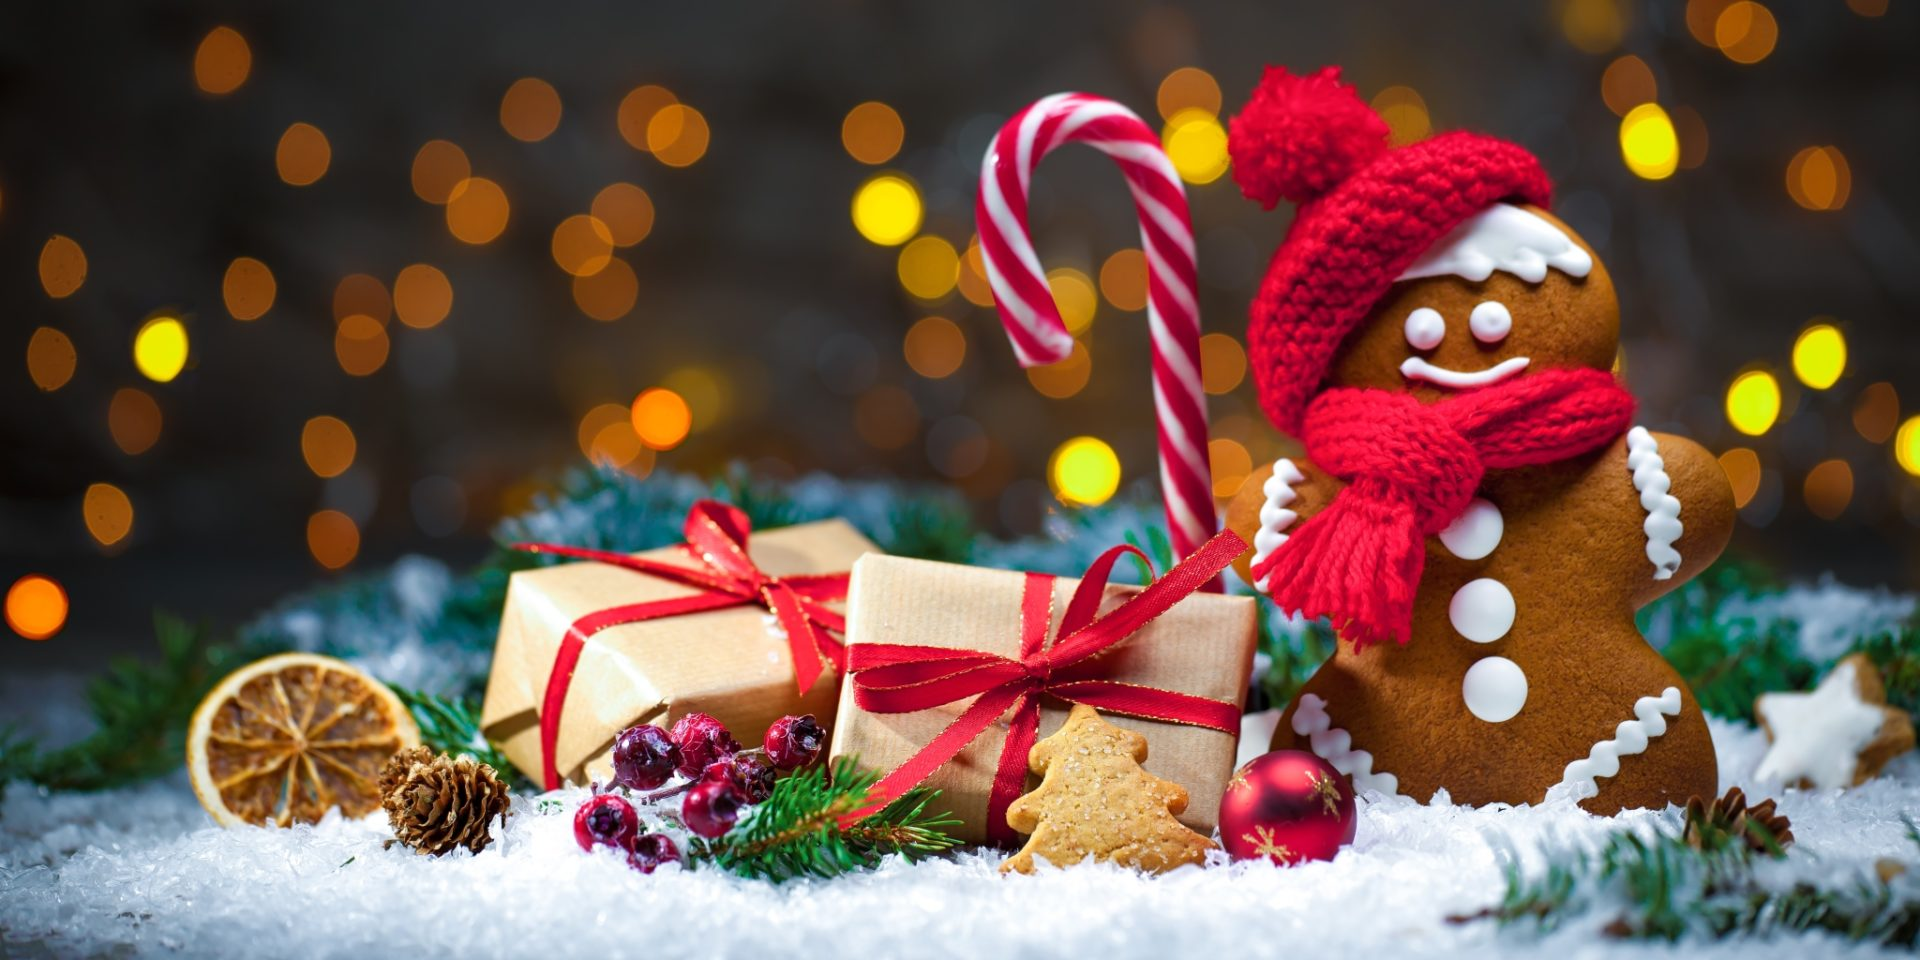 Gente Feliz En Navidad.7 Cosas Que Todos Deberiamos Hacer Hoy Para Vivir Una